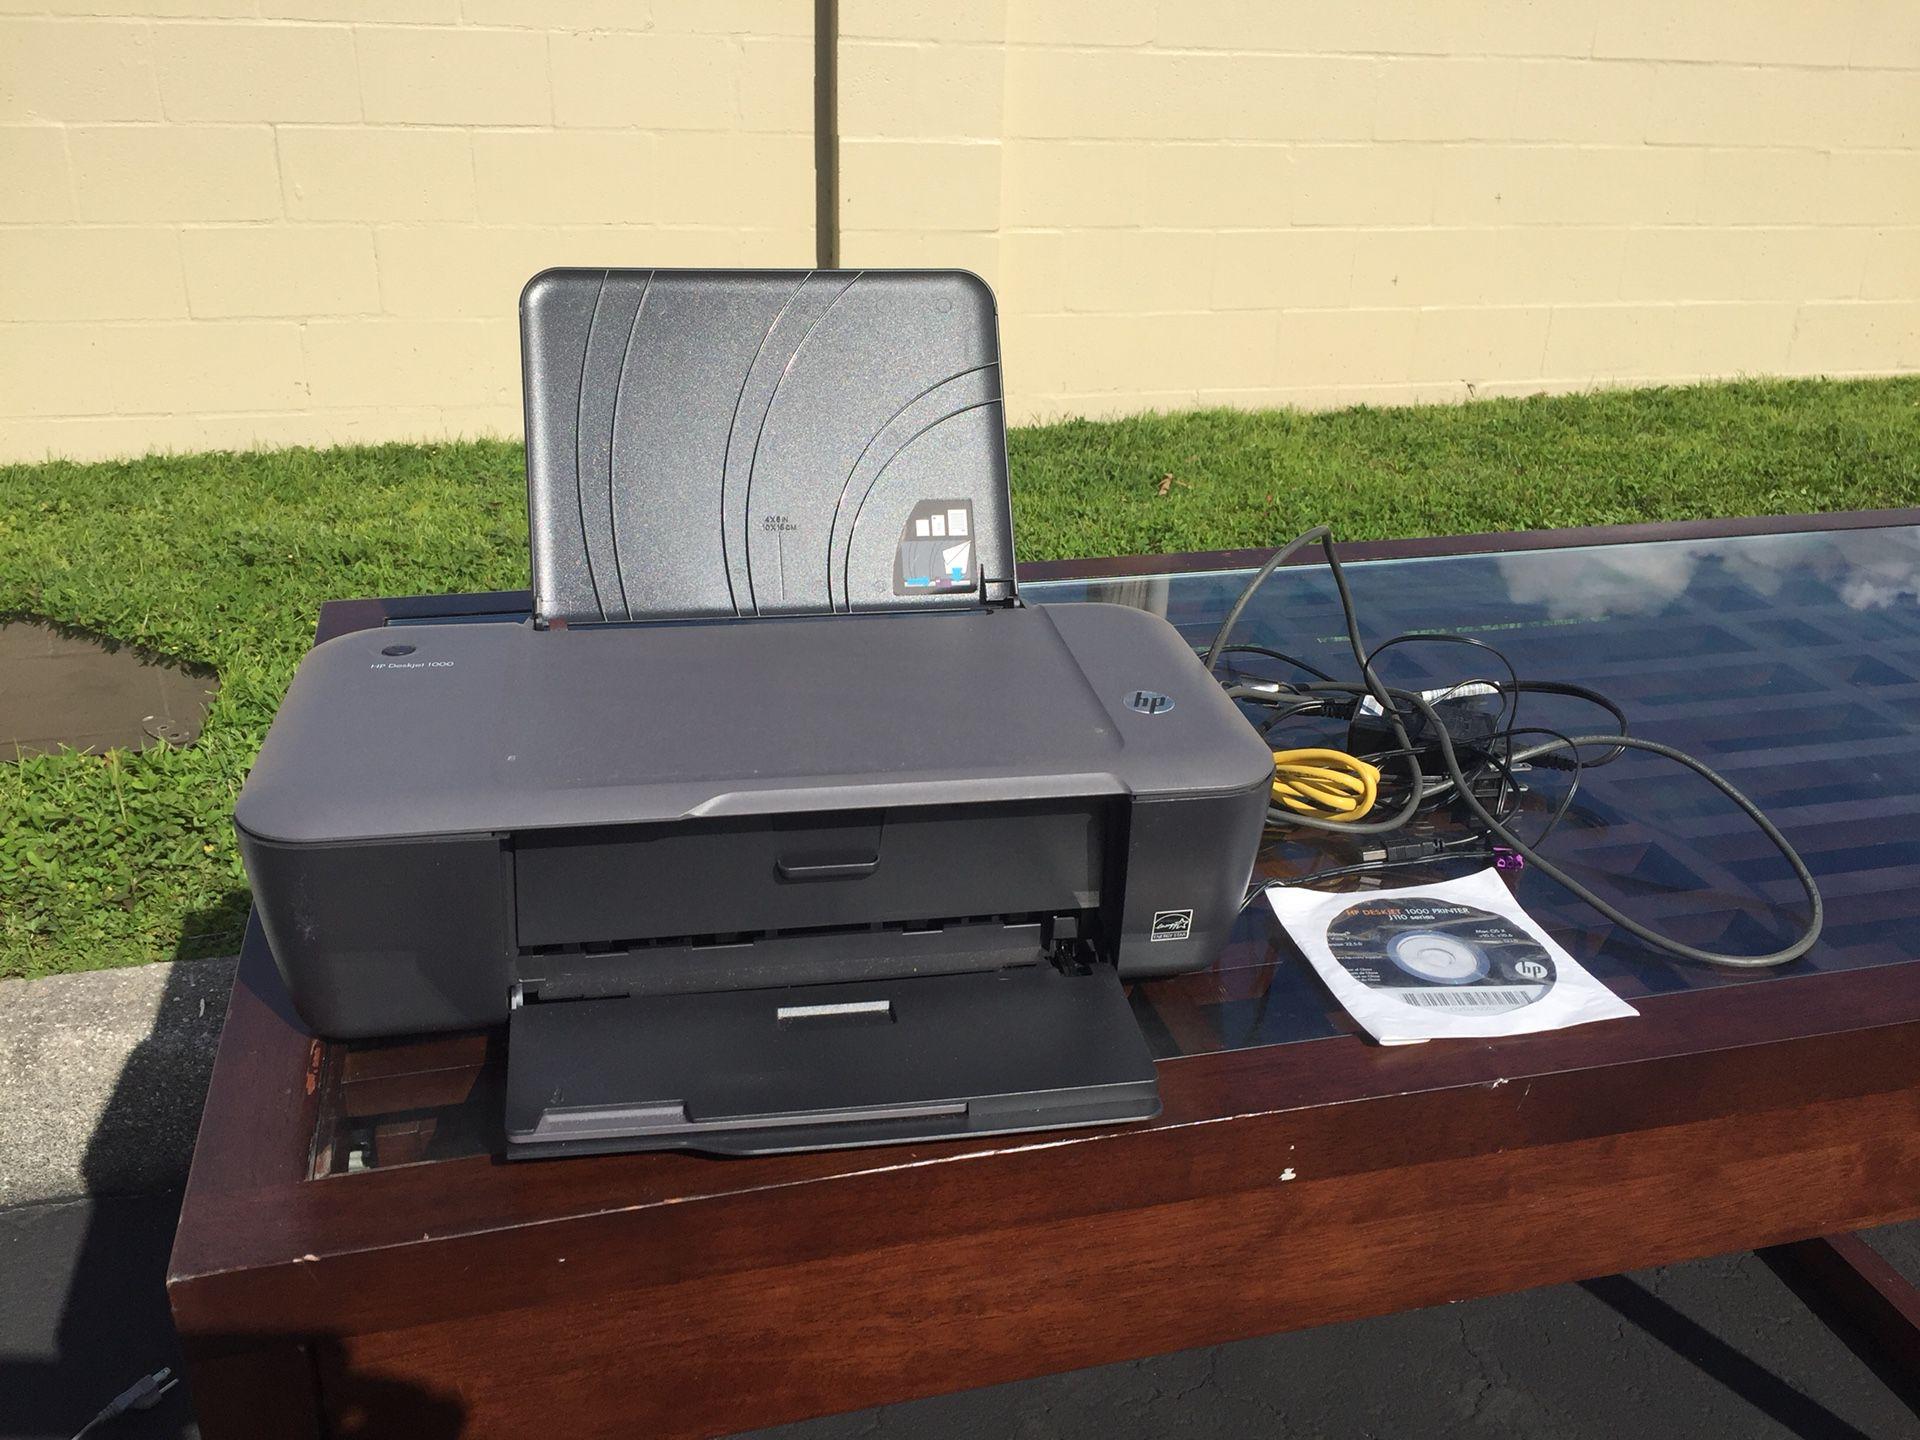 Printer deskjet hp